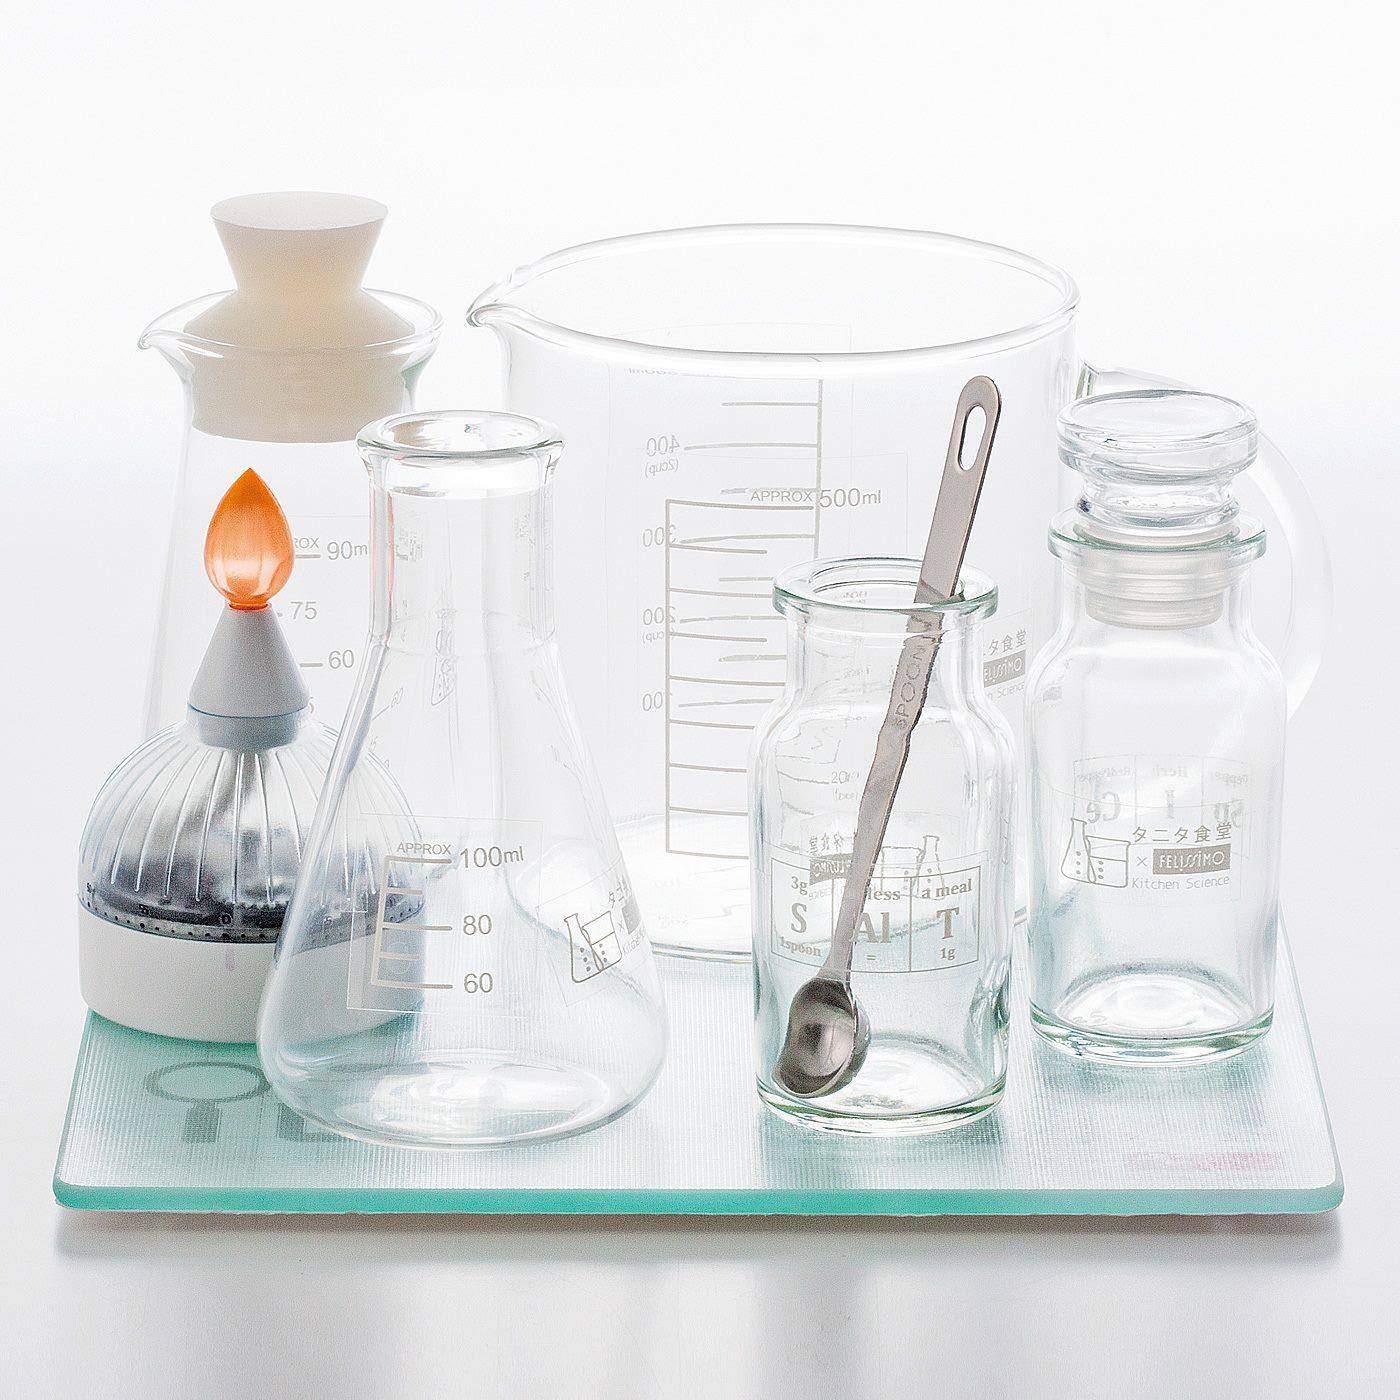 タニタ食堂×フェリシモ ヘルシーな食事を科学するキッチンサイエンスキットの会(6回予約)